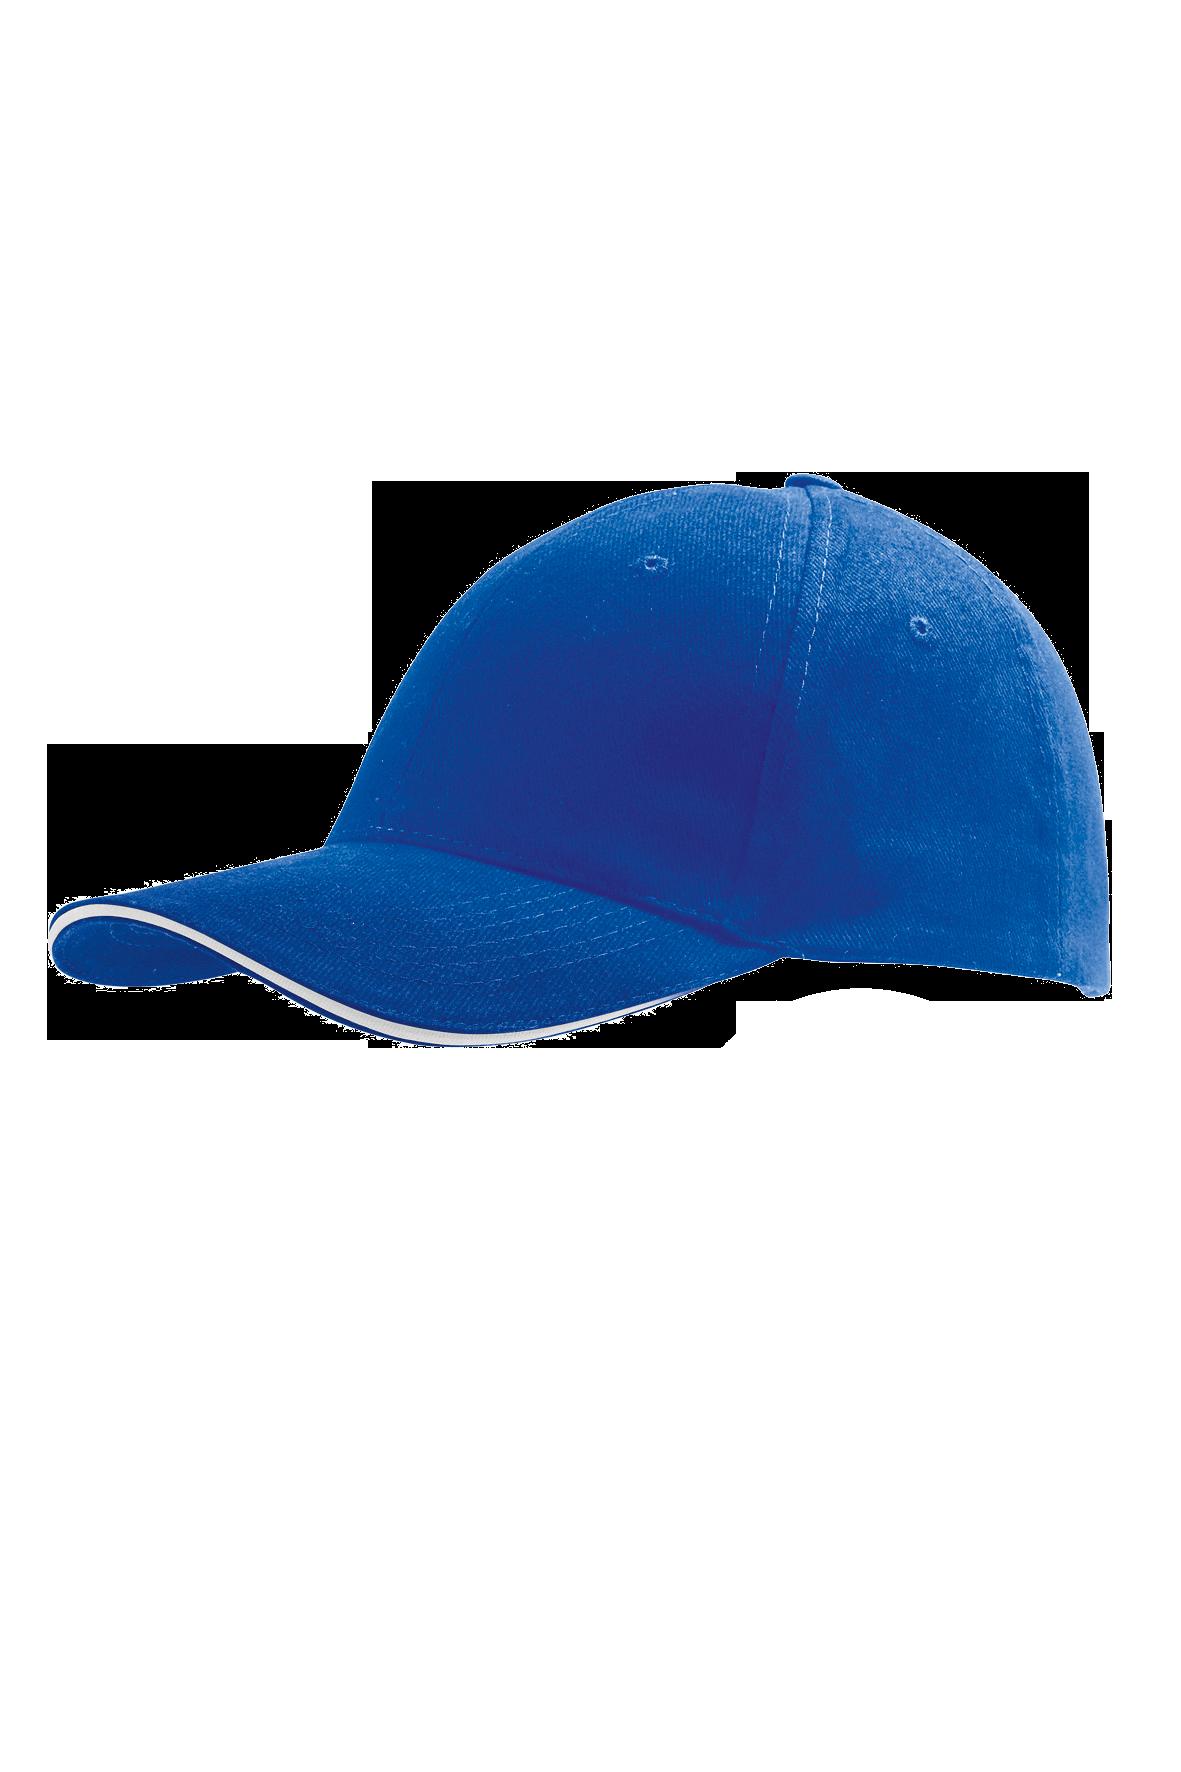 BUFFALO-88100_royale_blue_white_A